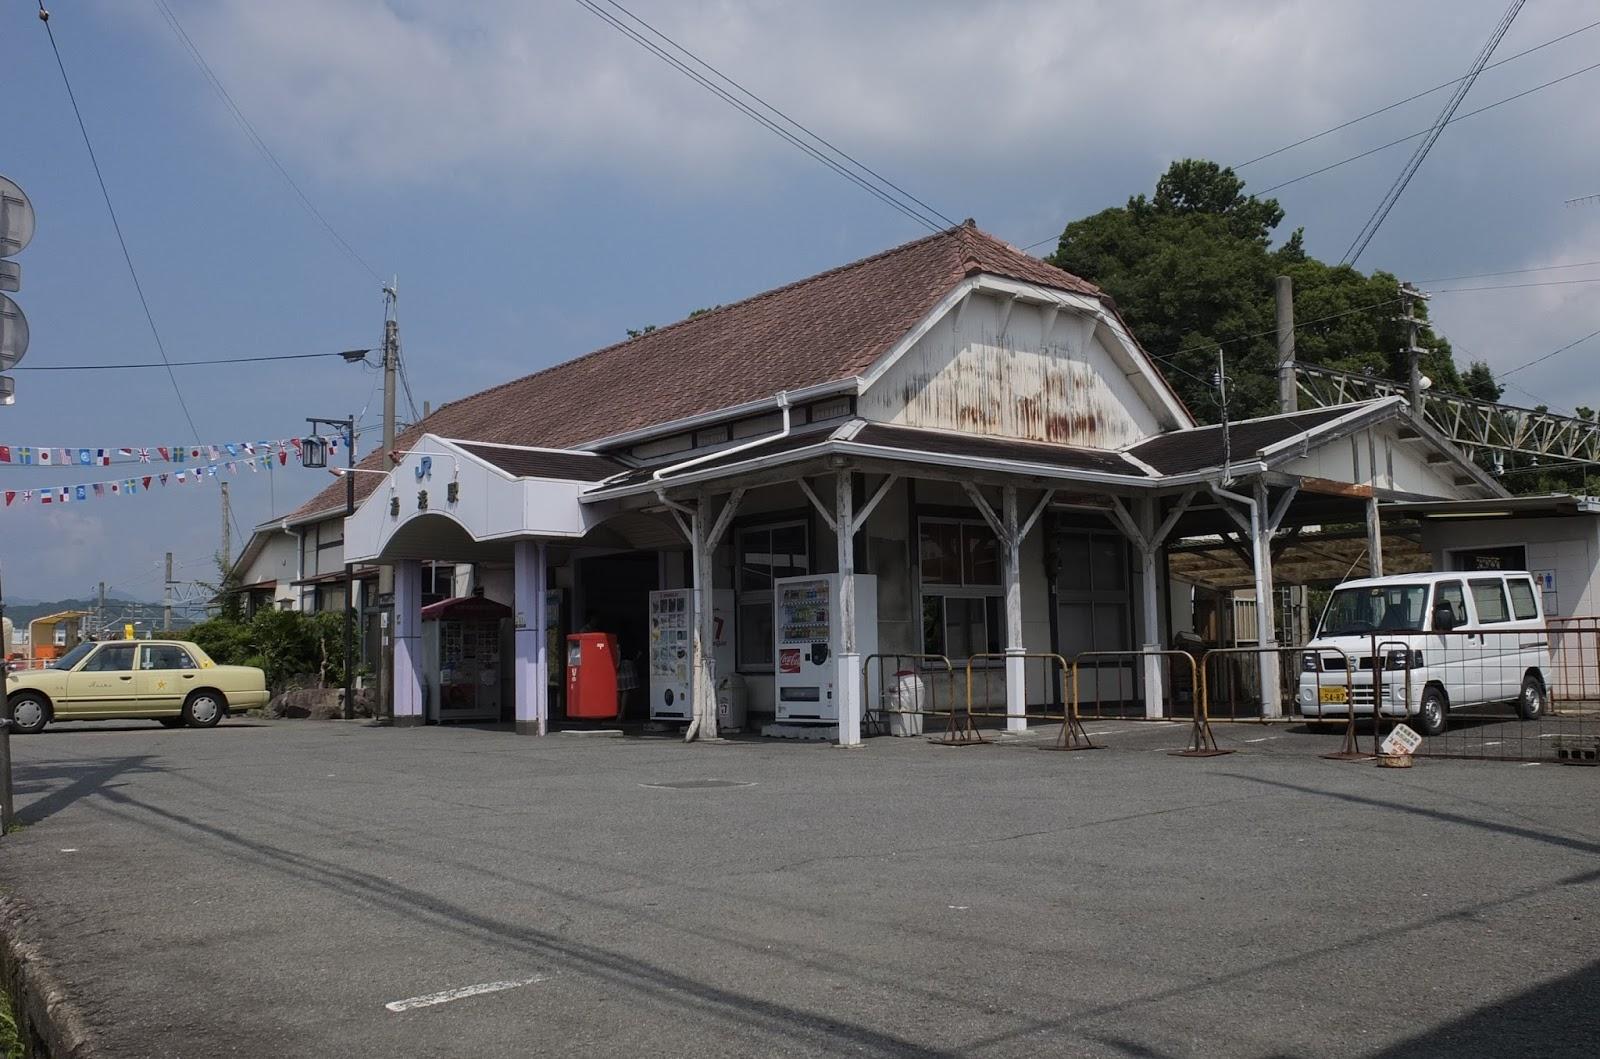 醤油の町 和歌山湯浅の古い町並...